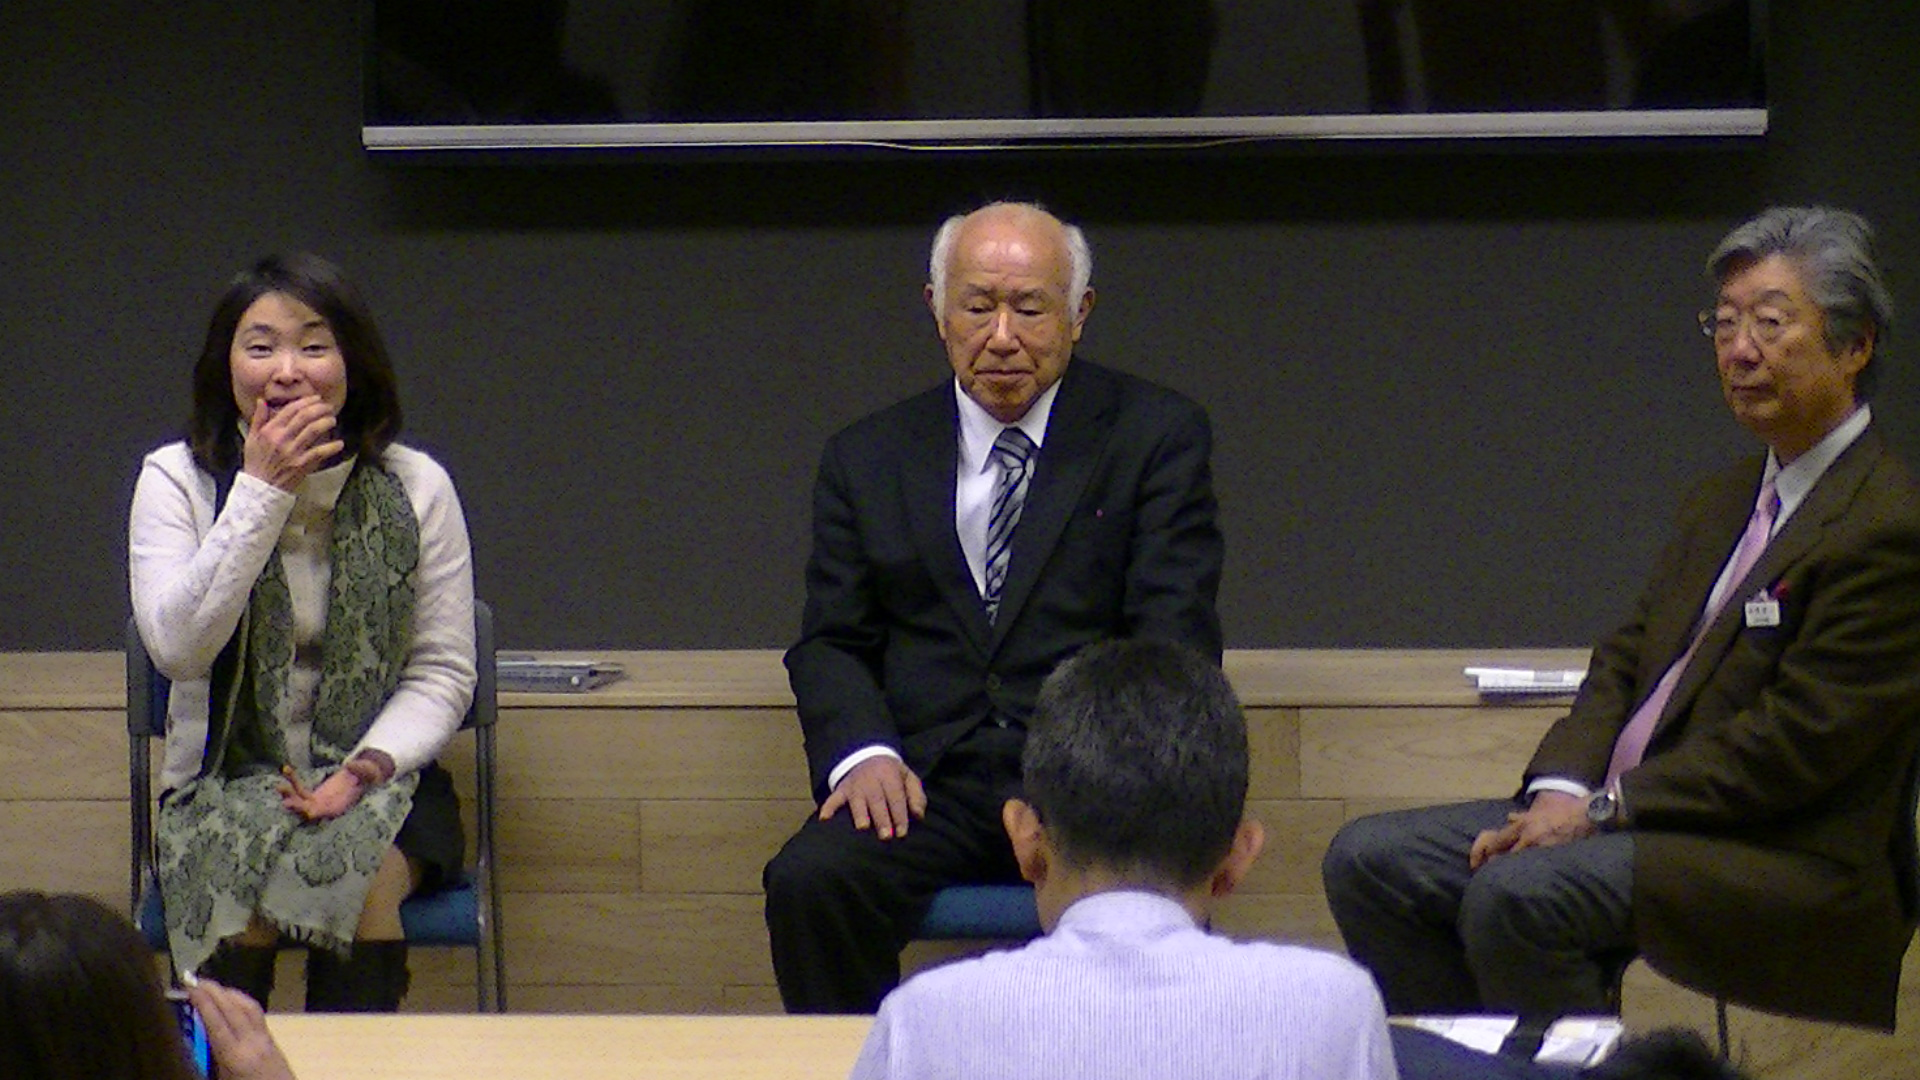 PIC 0549 1 - 平成30年度 東京思風塾 4月7日(土)「時代が問題をつくり、問題が人物をつくる」